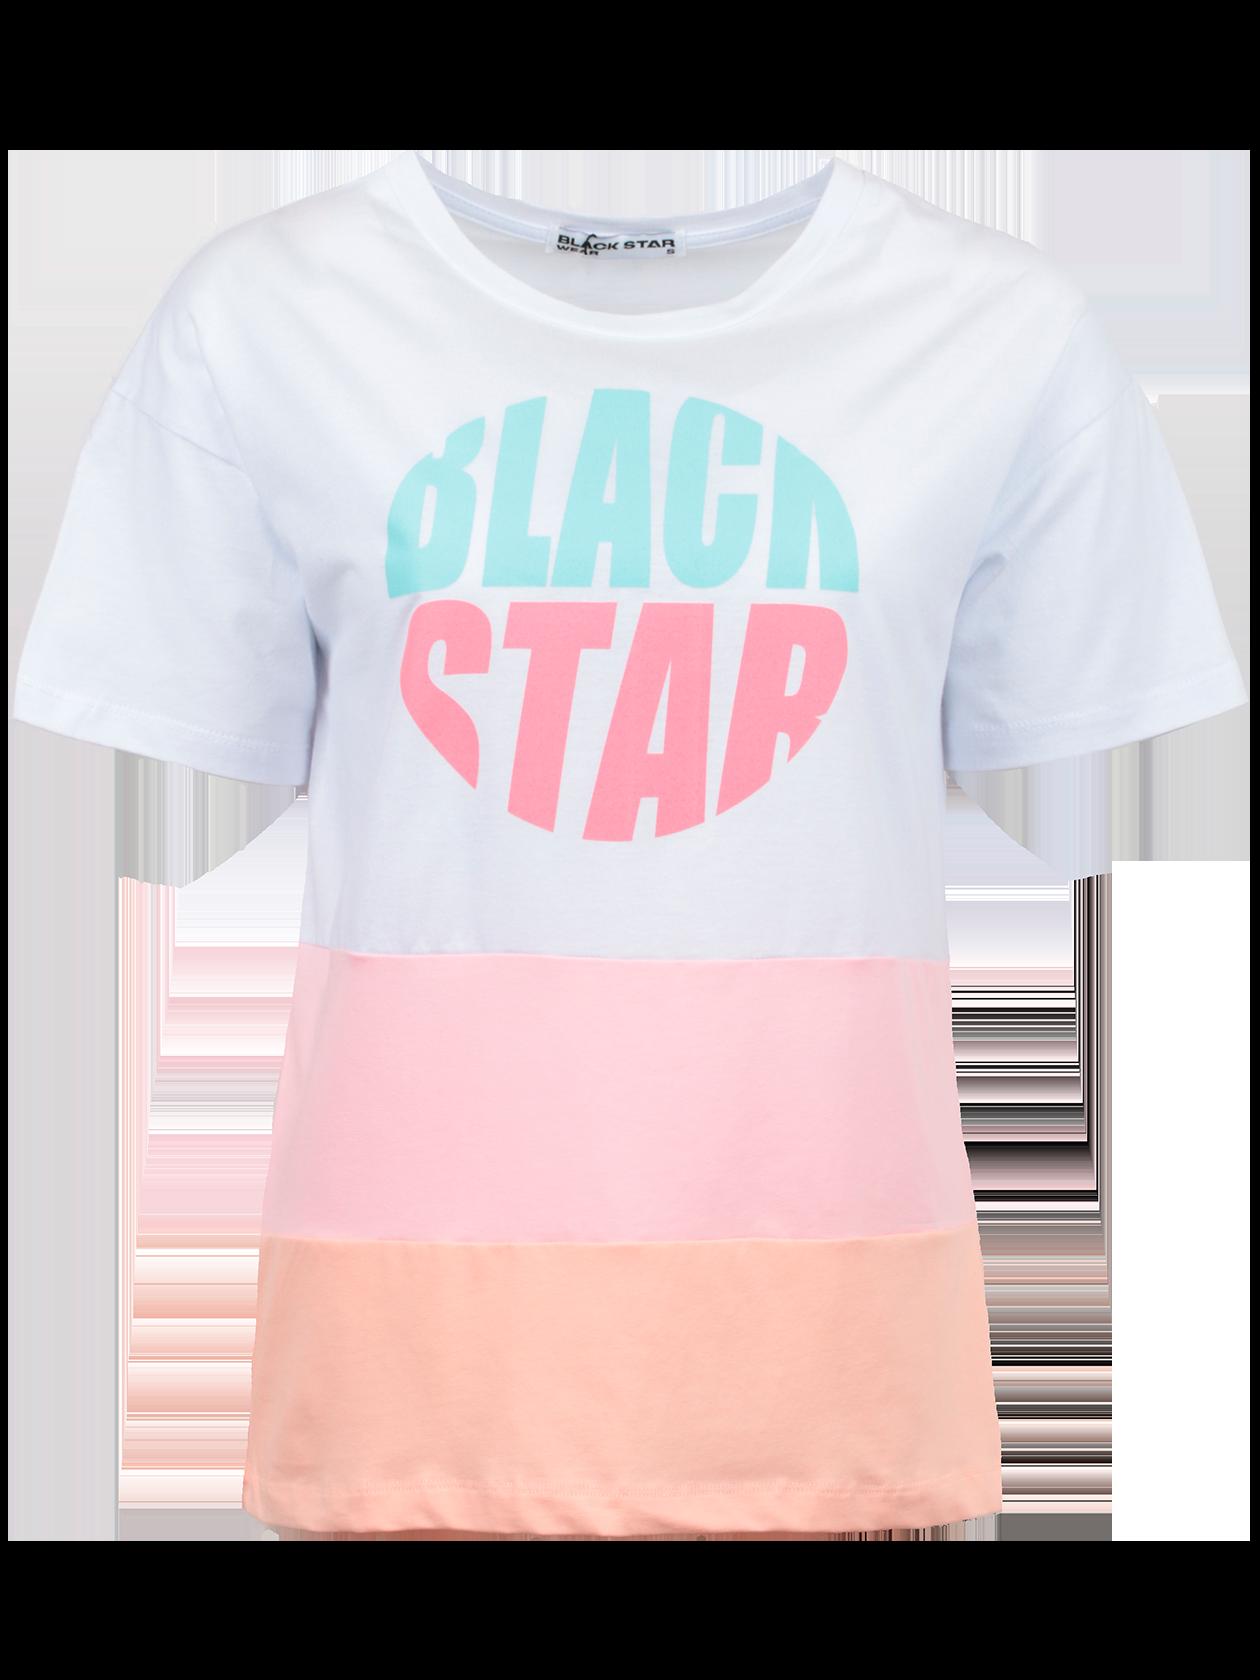 Футболка женская PINK BSФутболка женская Pink BS – стильное и практичное решение для создания образа на каждый день. Модель классического прямого кроя со слегка спущенной линией плеча, переходящей в короткий свободный рукав. Горловина округлой формы с эластичным кантом, внутри содержит жаккардовый лейбл Black Star Wear. Изделие выполнено в универсальной белой расцветке, дополнено разноцветными широкими вставками в нижней части и яркой надписью Black Star на груди. Для изготовления вещи был выбран 100% хлопок премиального качества. Футболка доступна в двух вариантах: белый/розовый/персиковый и белый/розовый/ментоловый.<br><br>Размер: M<br>Цвет: Белый/розовый/персиковый<br>Пол: Женский